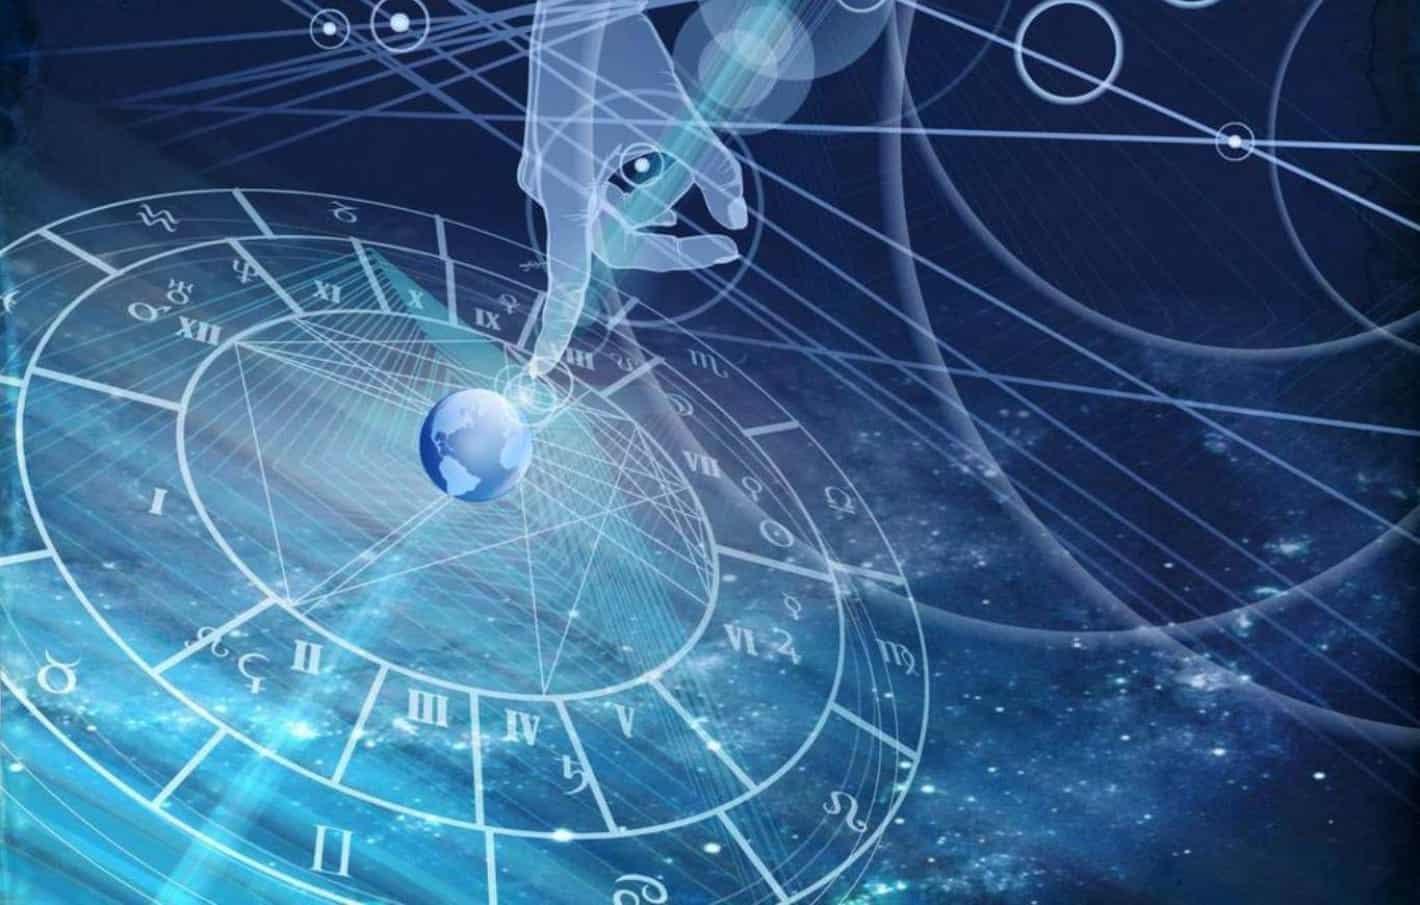 nuestro horoscopo de la cuarta semana de febrero del año 2020 horoscopo de la cuarta semana de febrero del ao 2020 del dia 23 a i219649